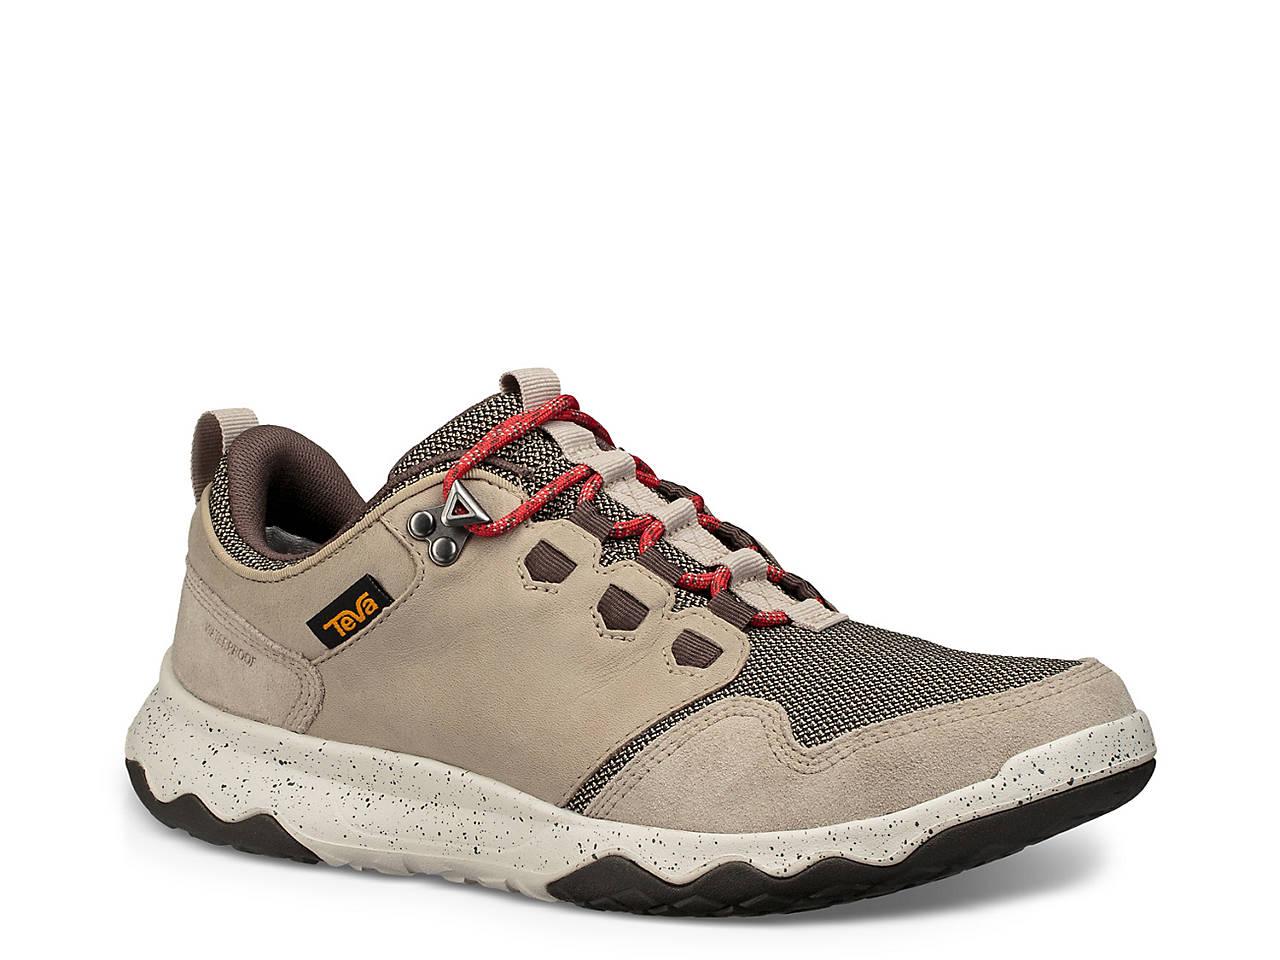 20d38c0879f4 Teva Arrowood WP Trail Shoe Men s Shoes